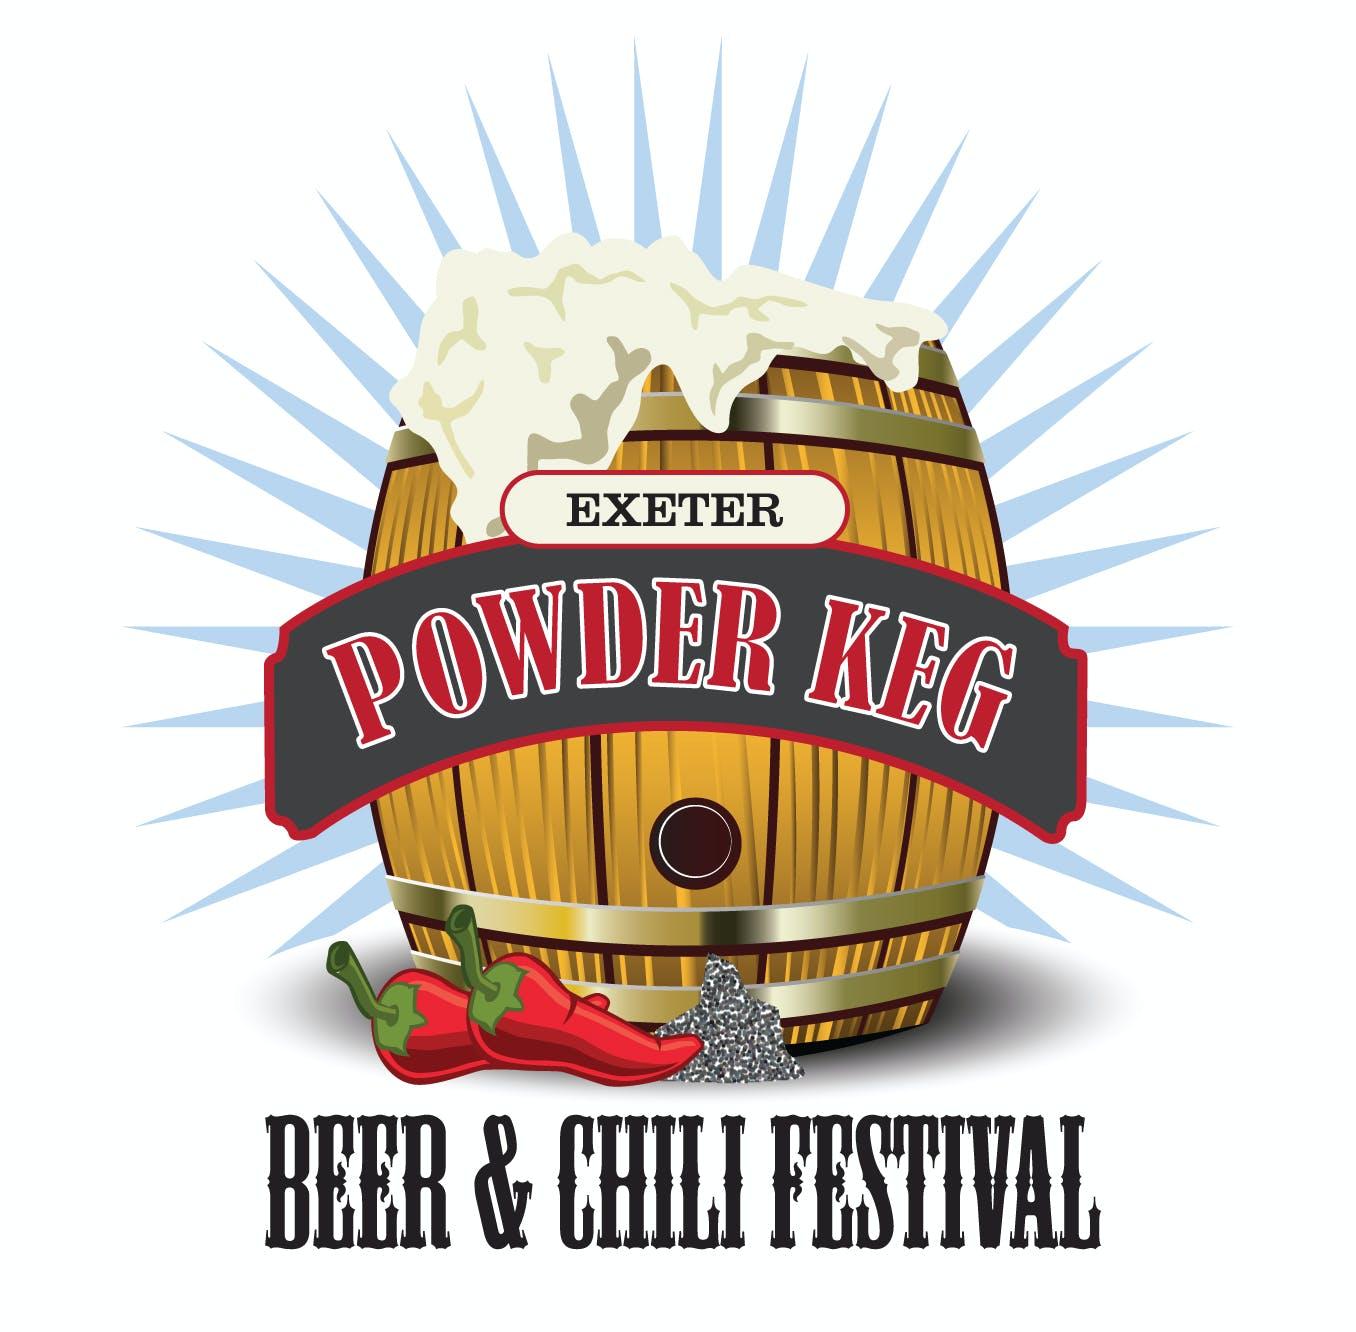 Untappd Breweries & Beers - Powder Keg Beer & Chili Festival